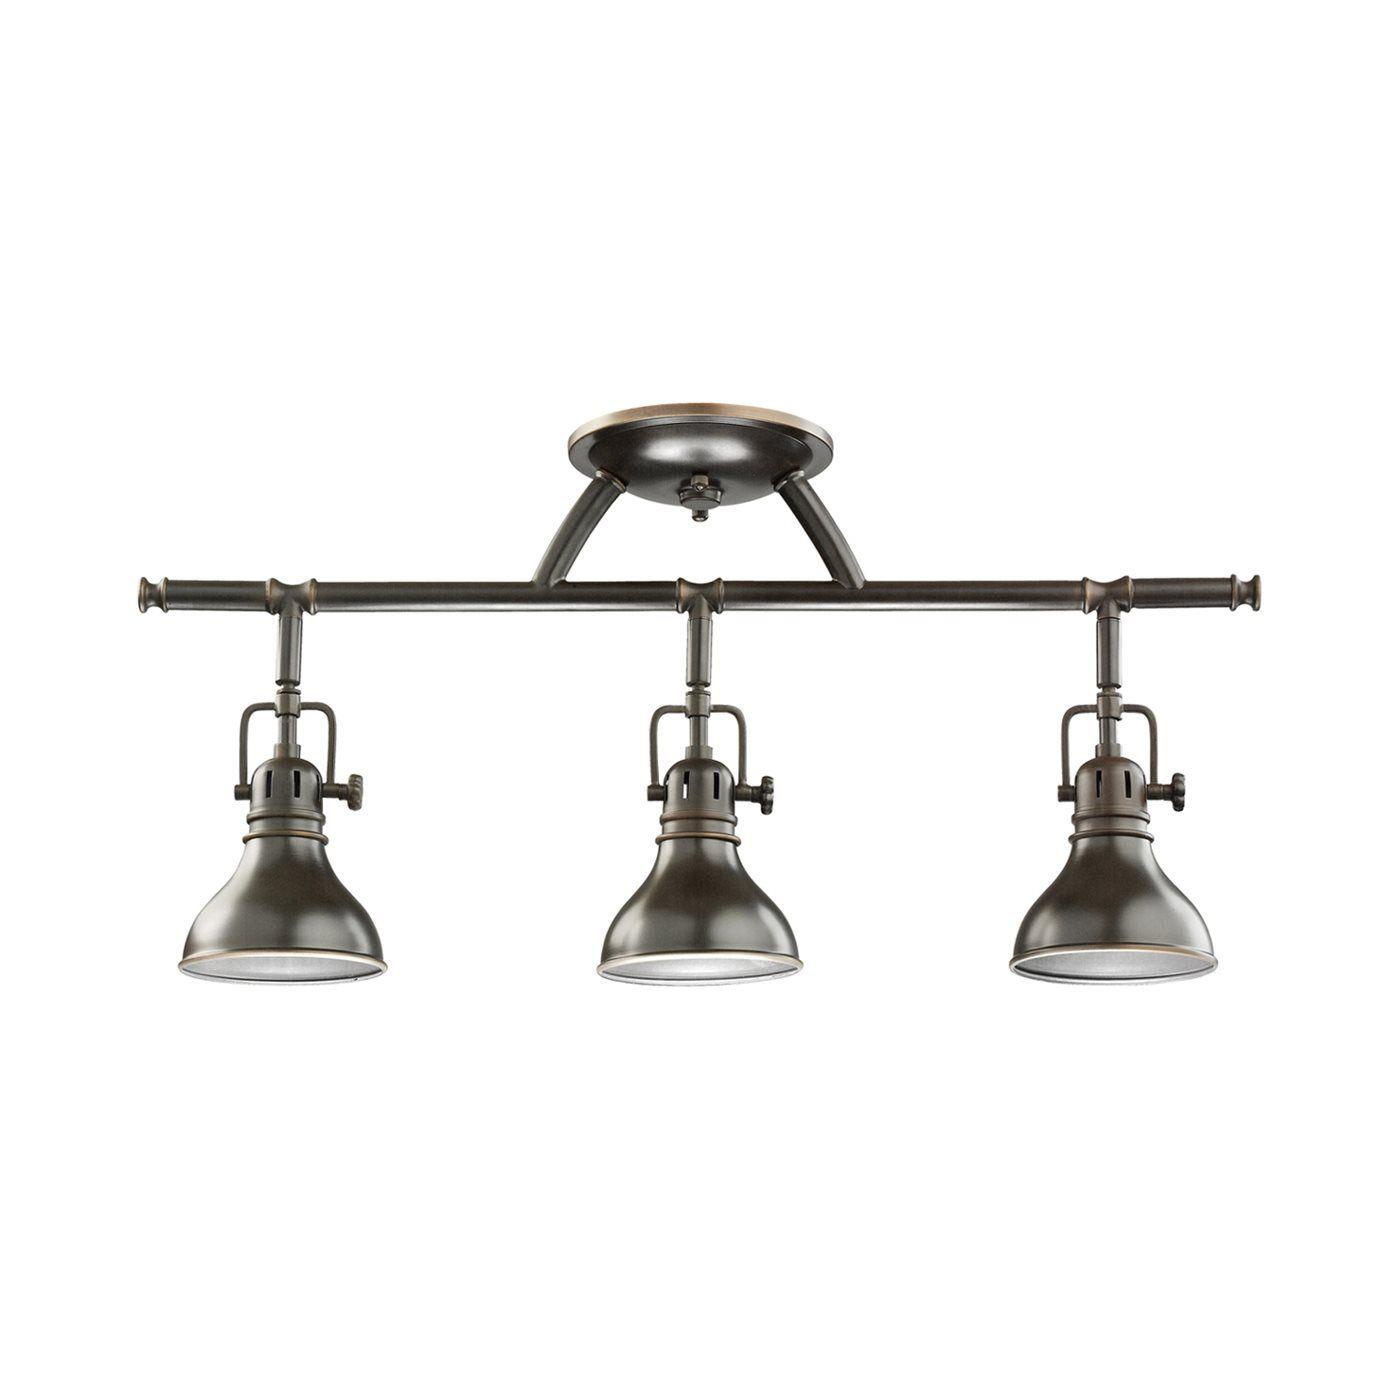 track lighting kits light atg stores. Kichler Lighting 7050 Hatteras Bay™ 3 Light Rail Directional Spot | ATG Stores- Track Kits Atg Stores G